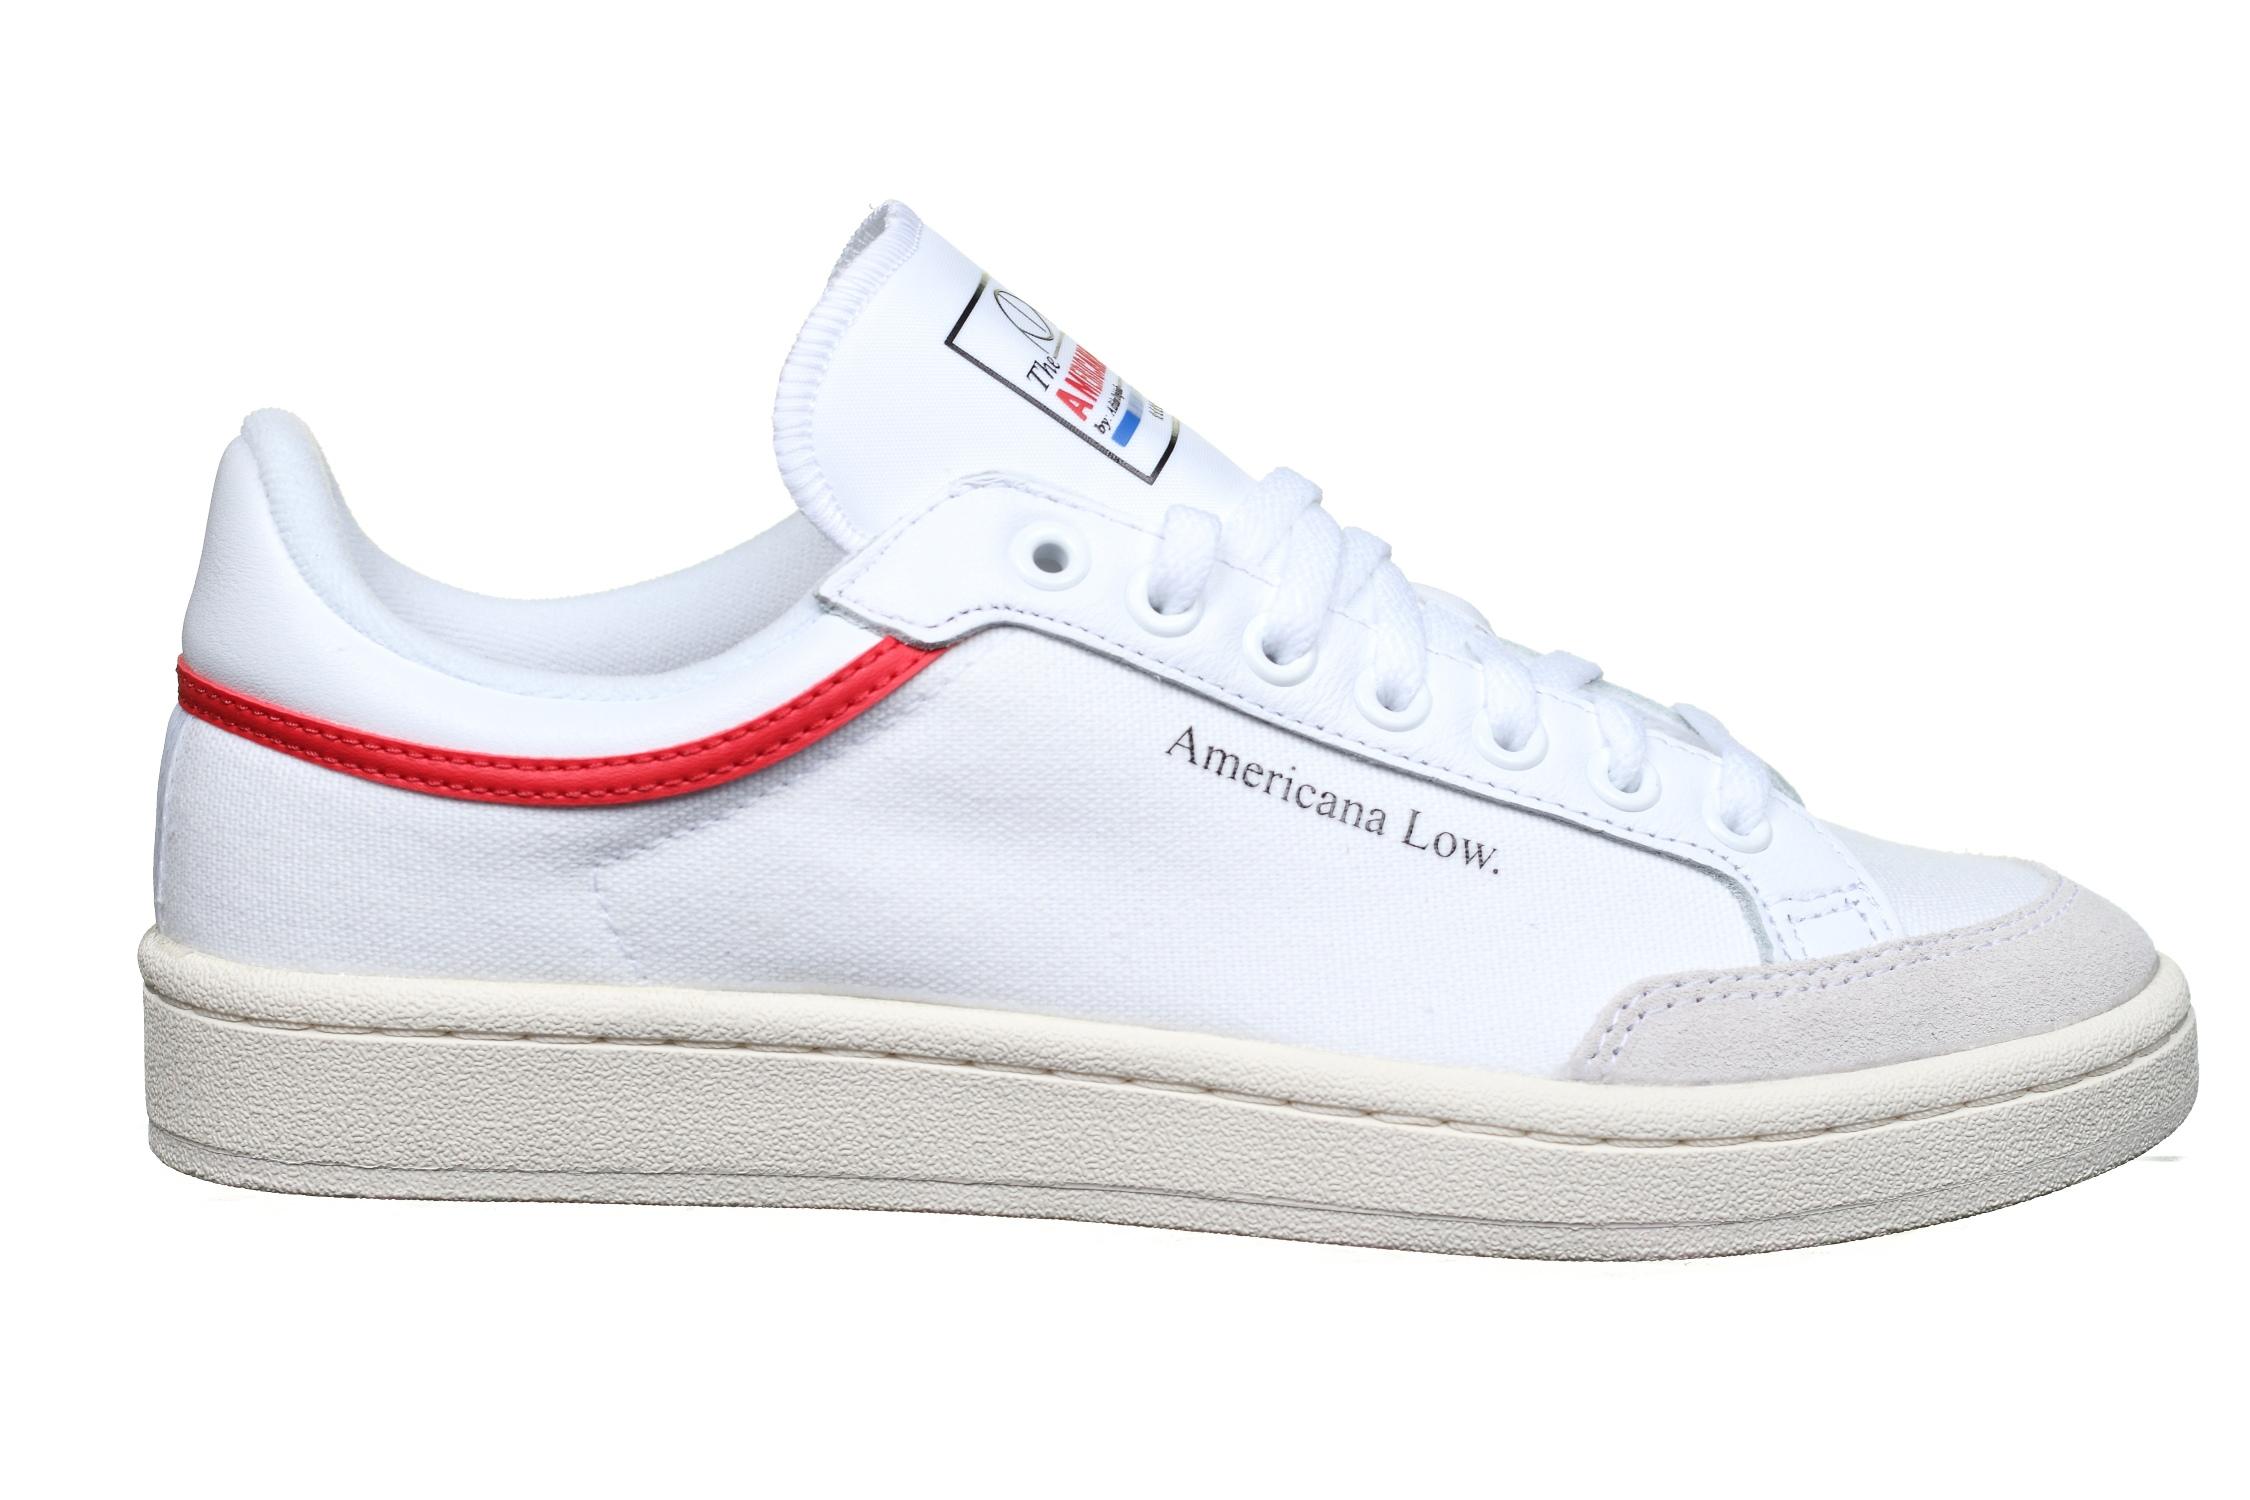 https://www.leadermode.com/197224/adidas-americana-low-ef6385-blanc.jpg